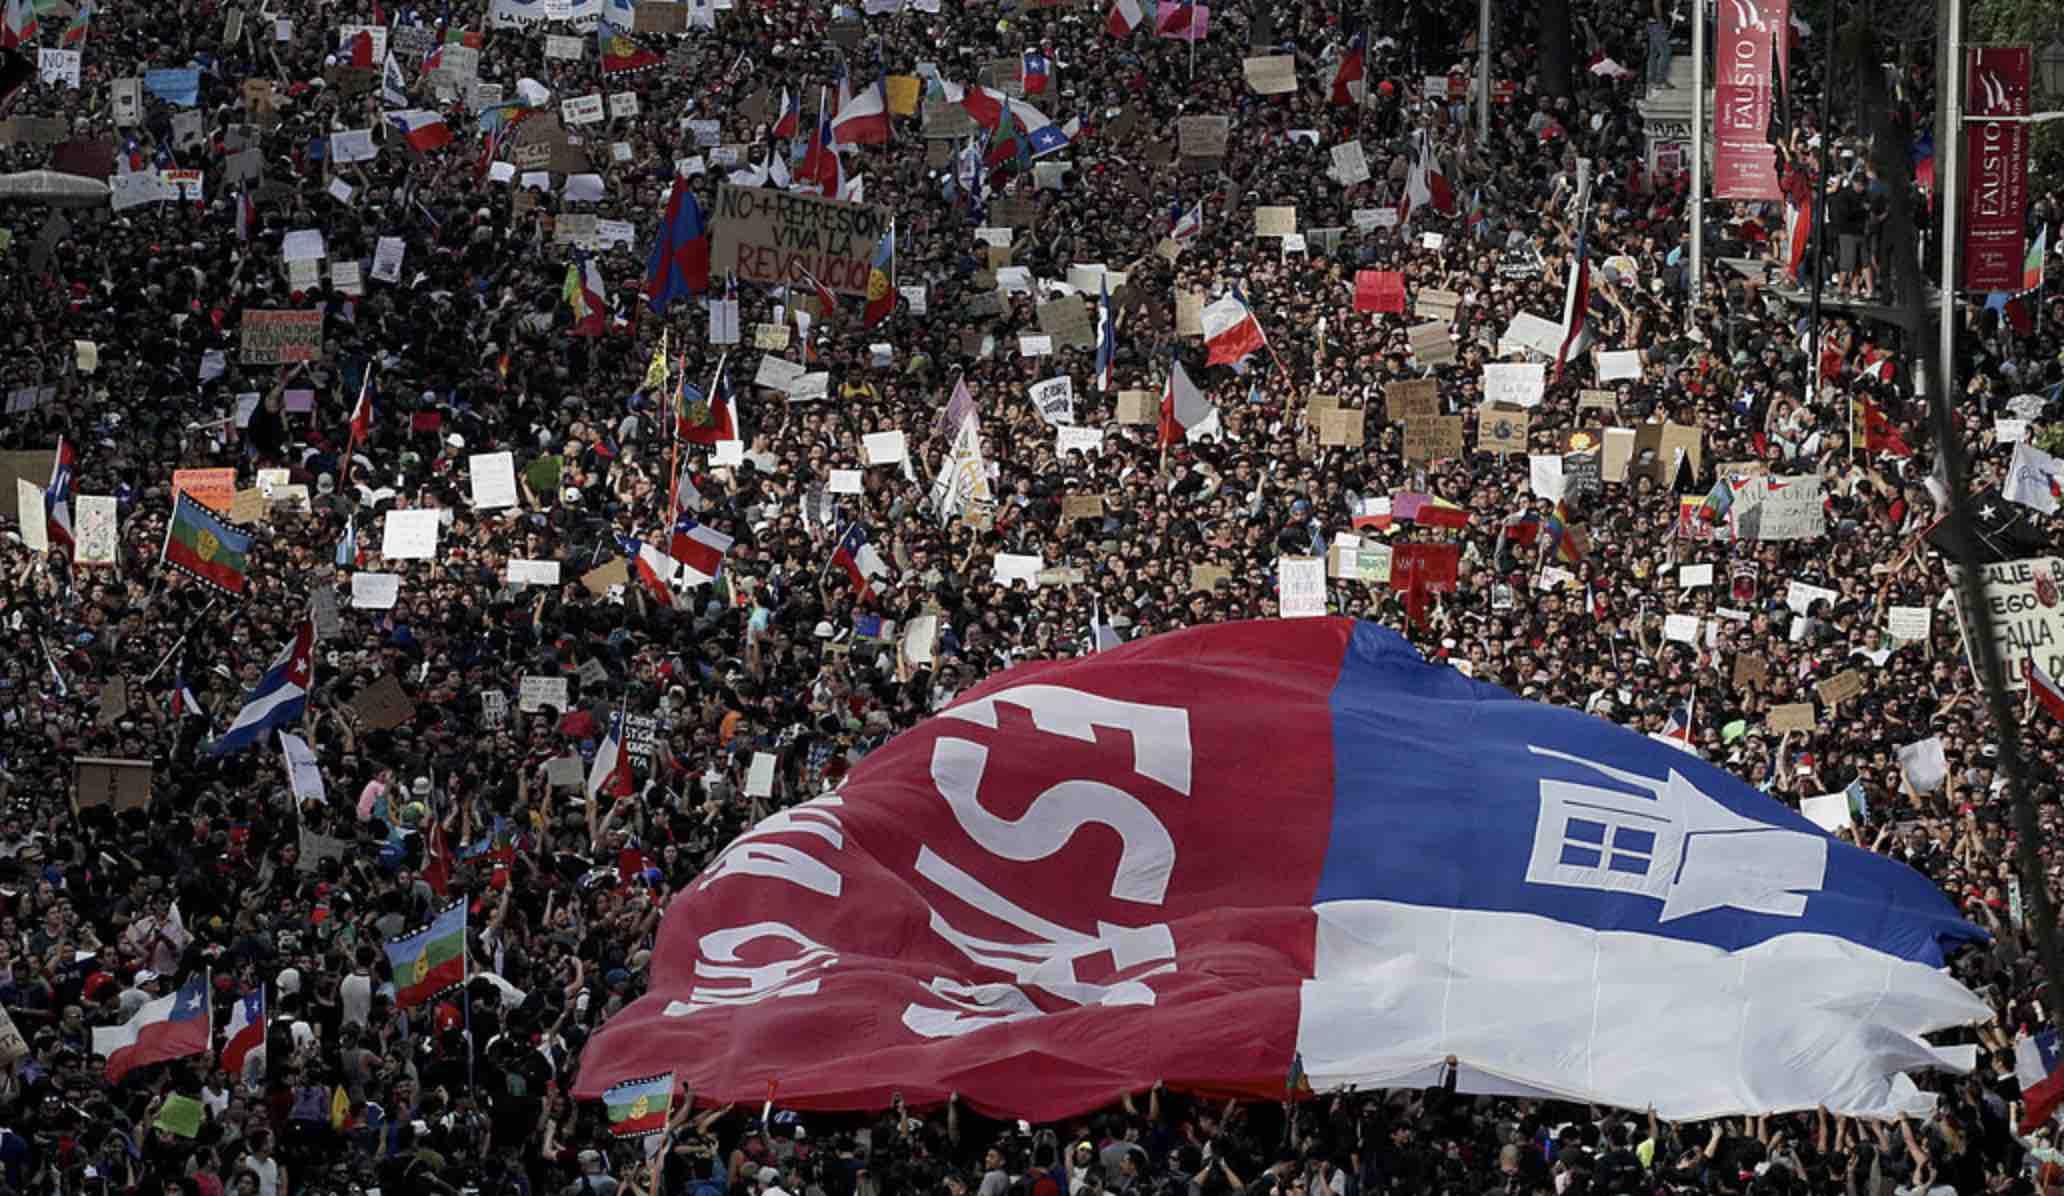 Protestas en Chile, Manifestaciones ciudadanas en Chile, Violencia